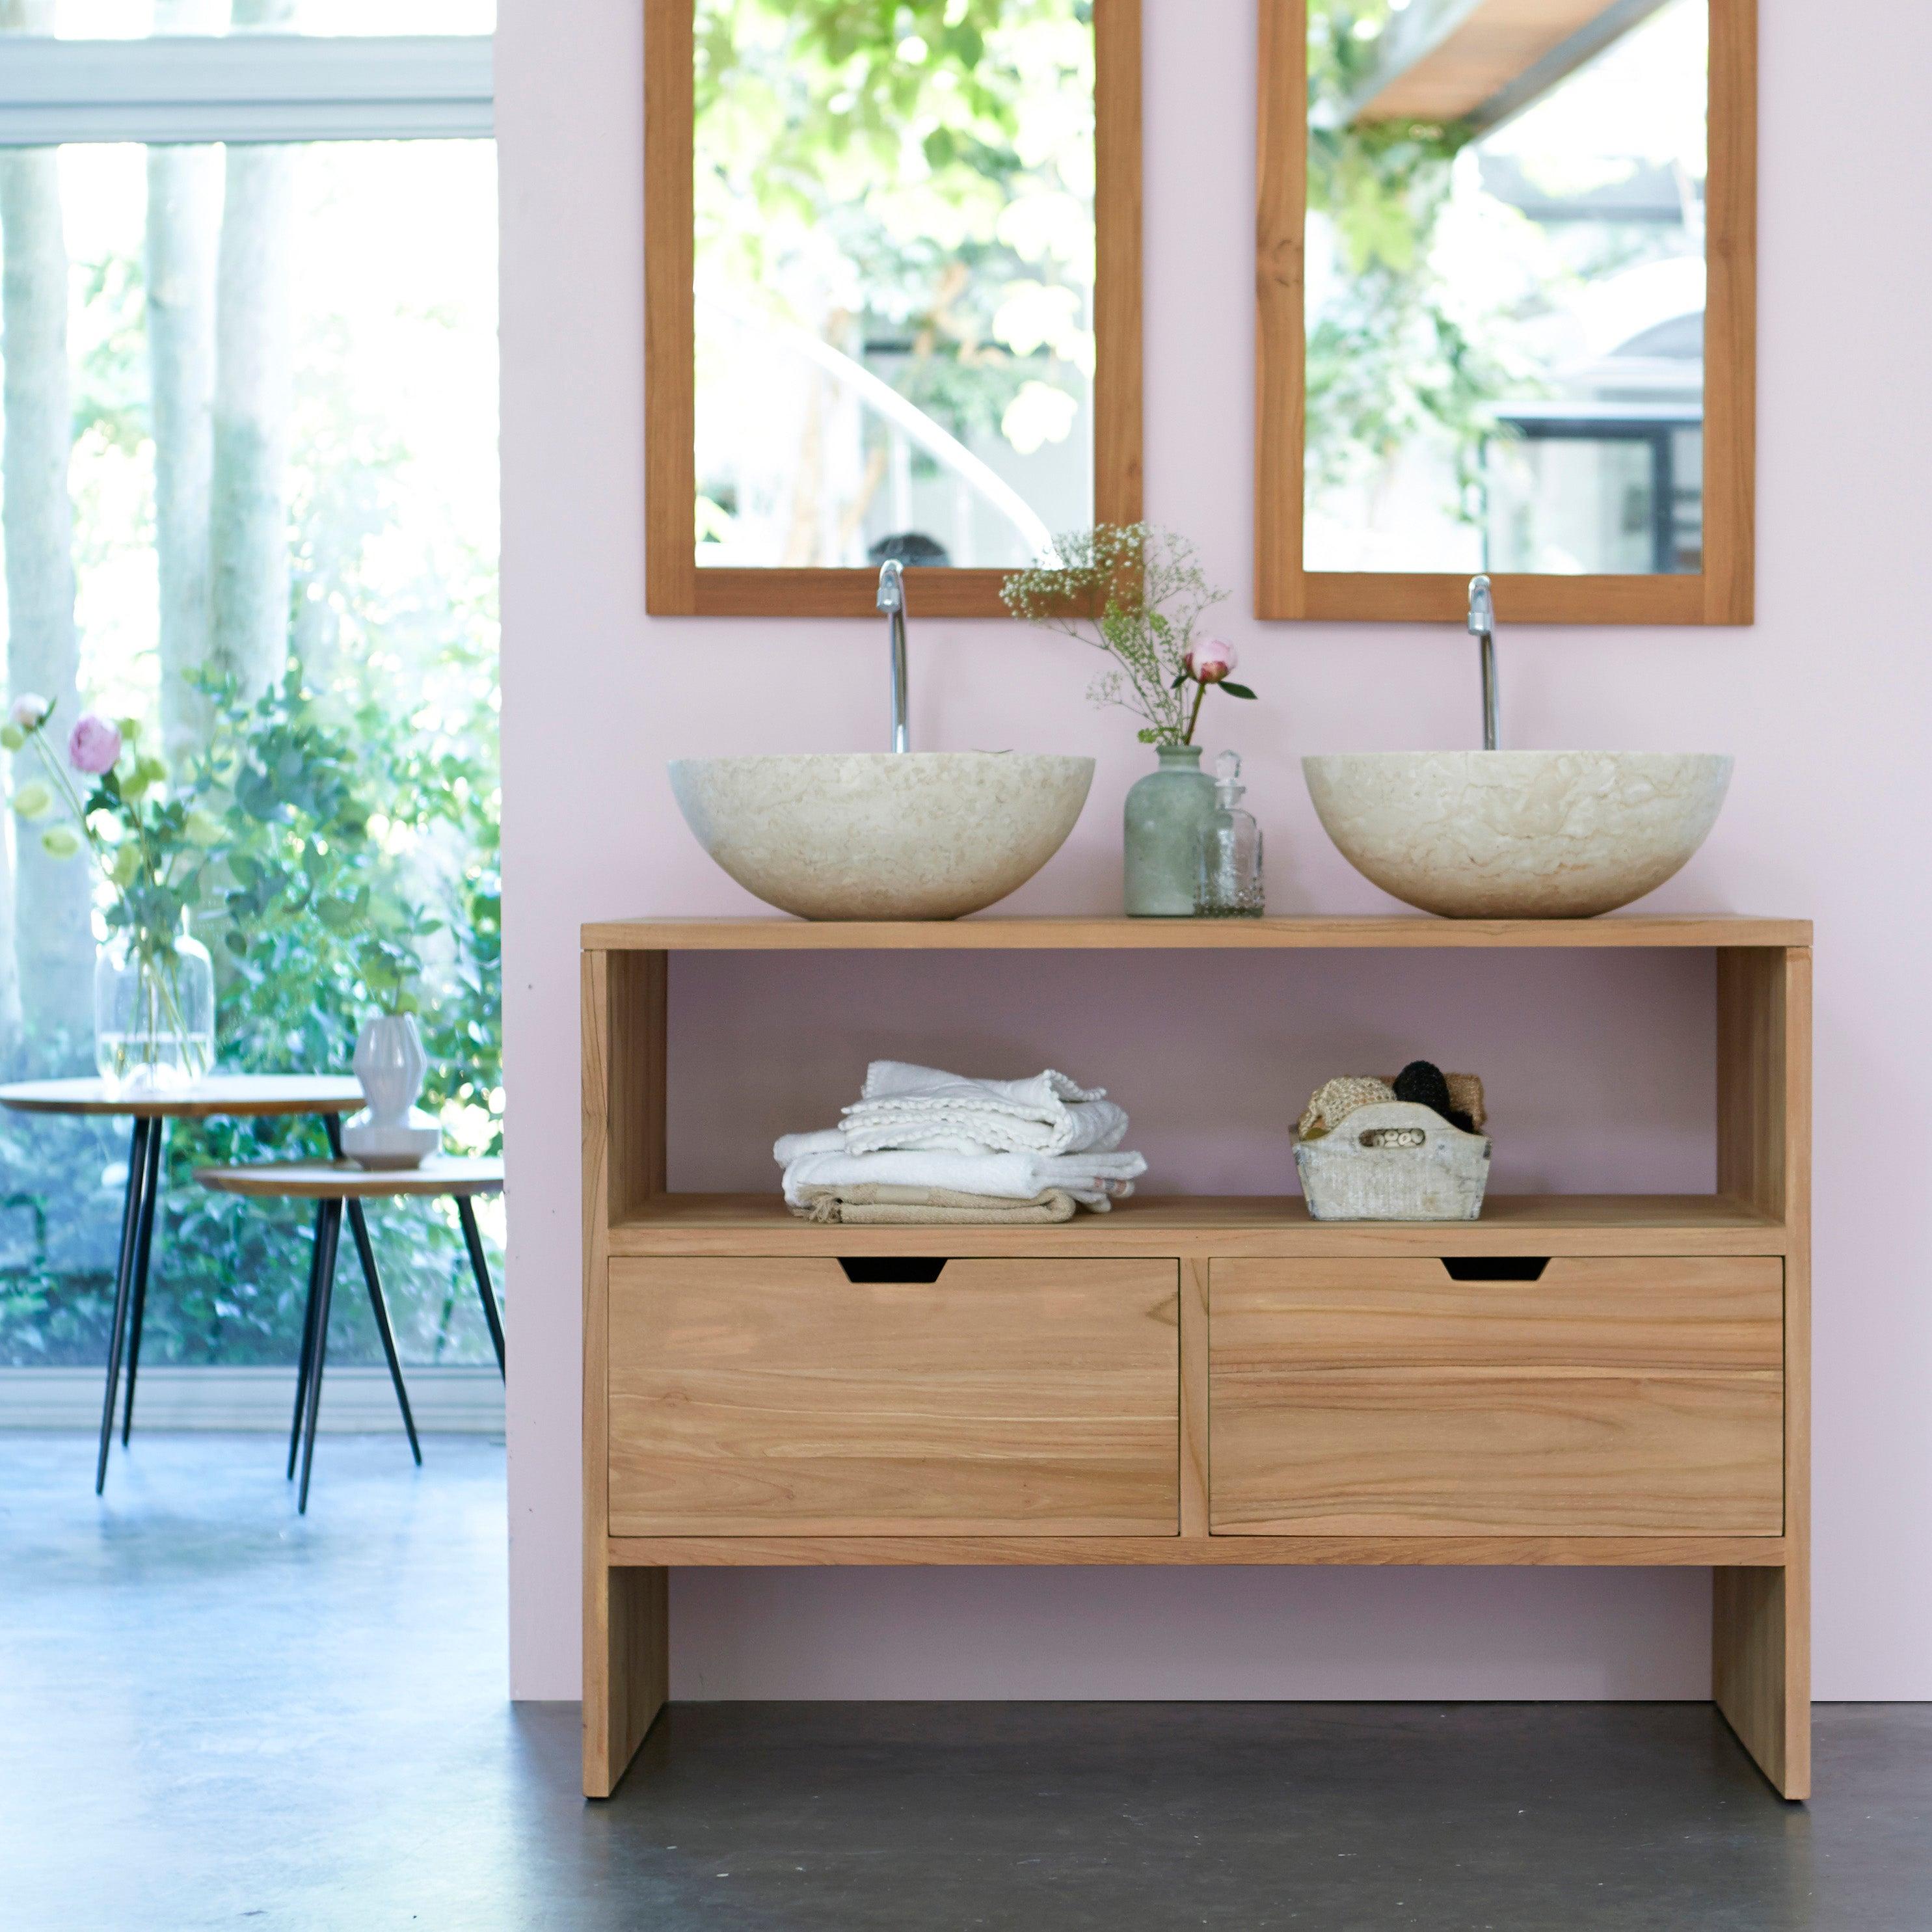 Meuble de salle de bains double vasque l.16 x H.16 x P.16 cm, teck  naturel, Kwa